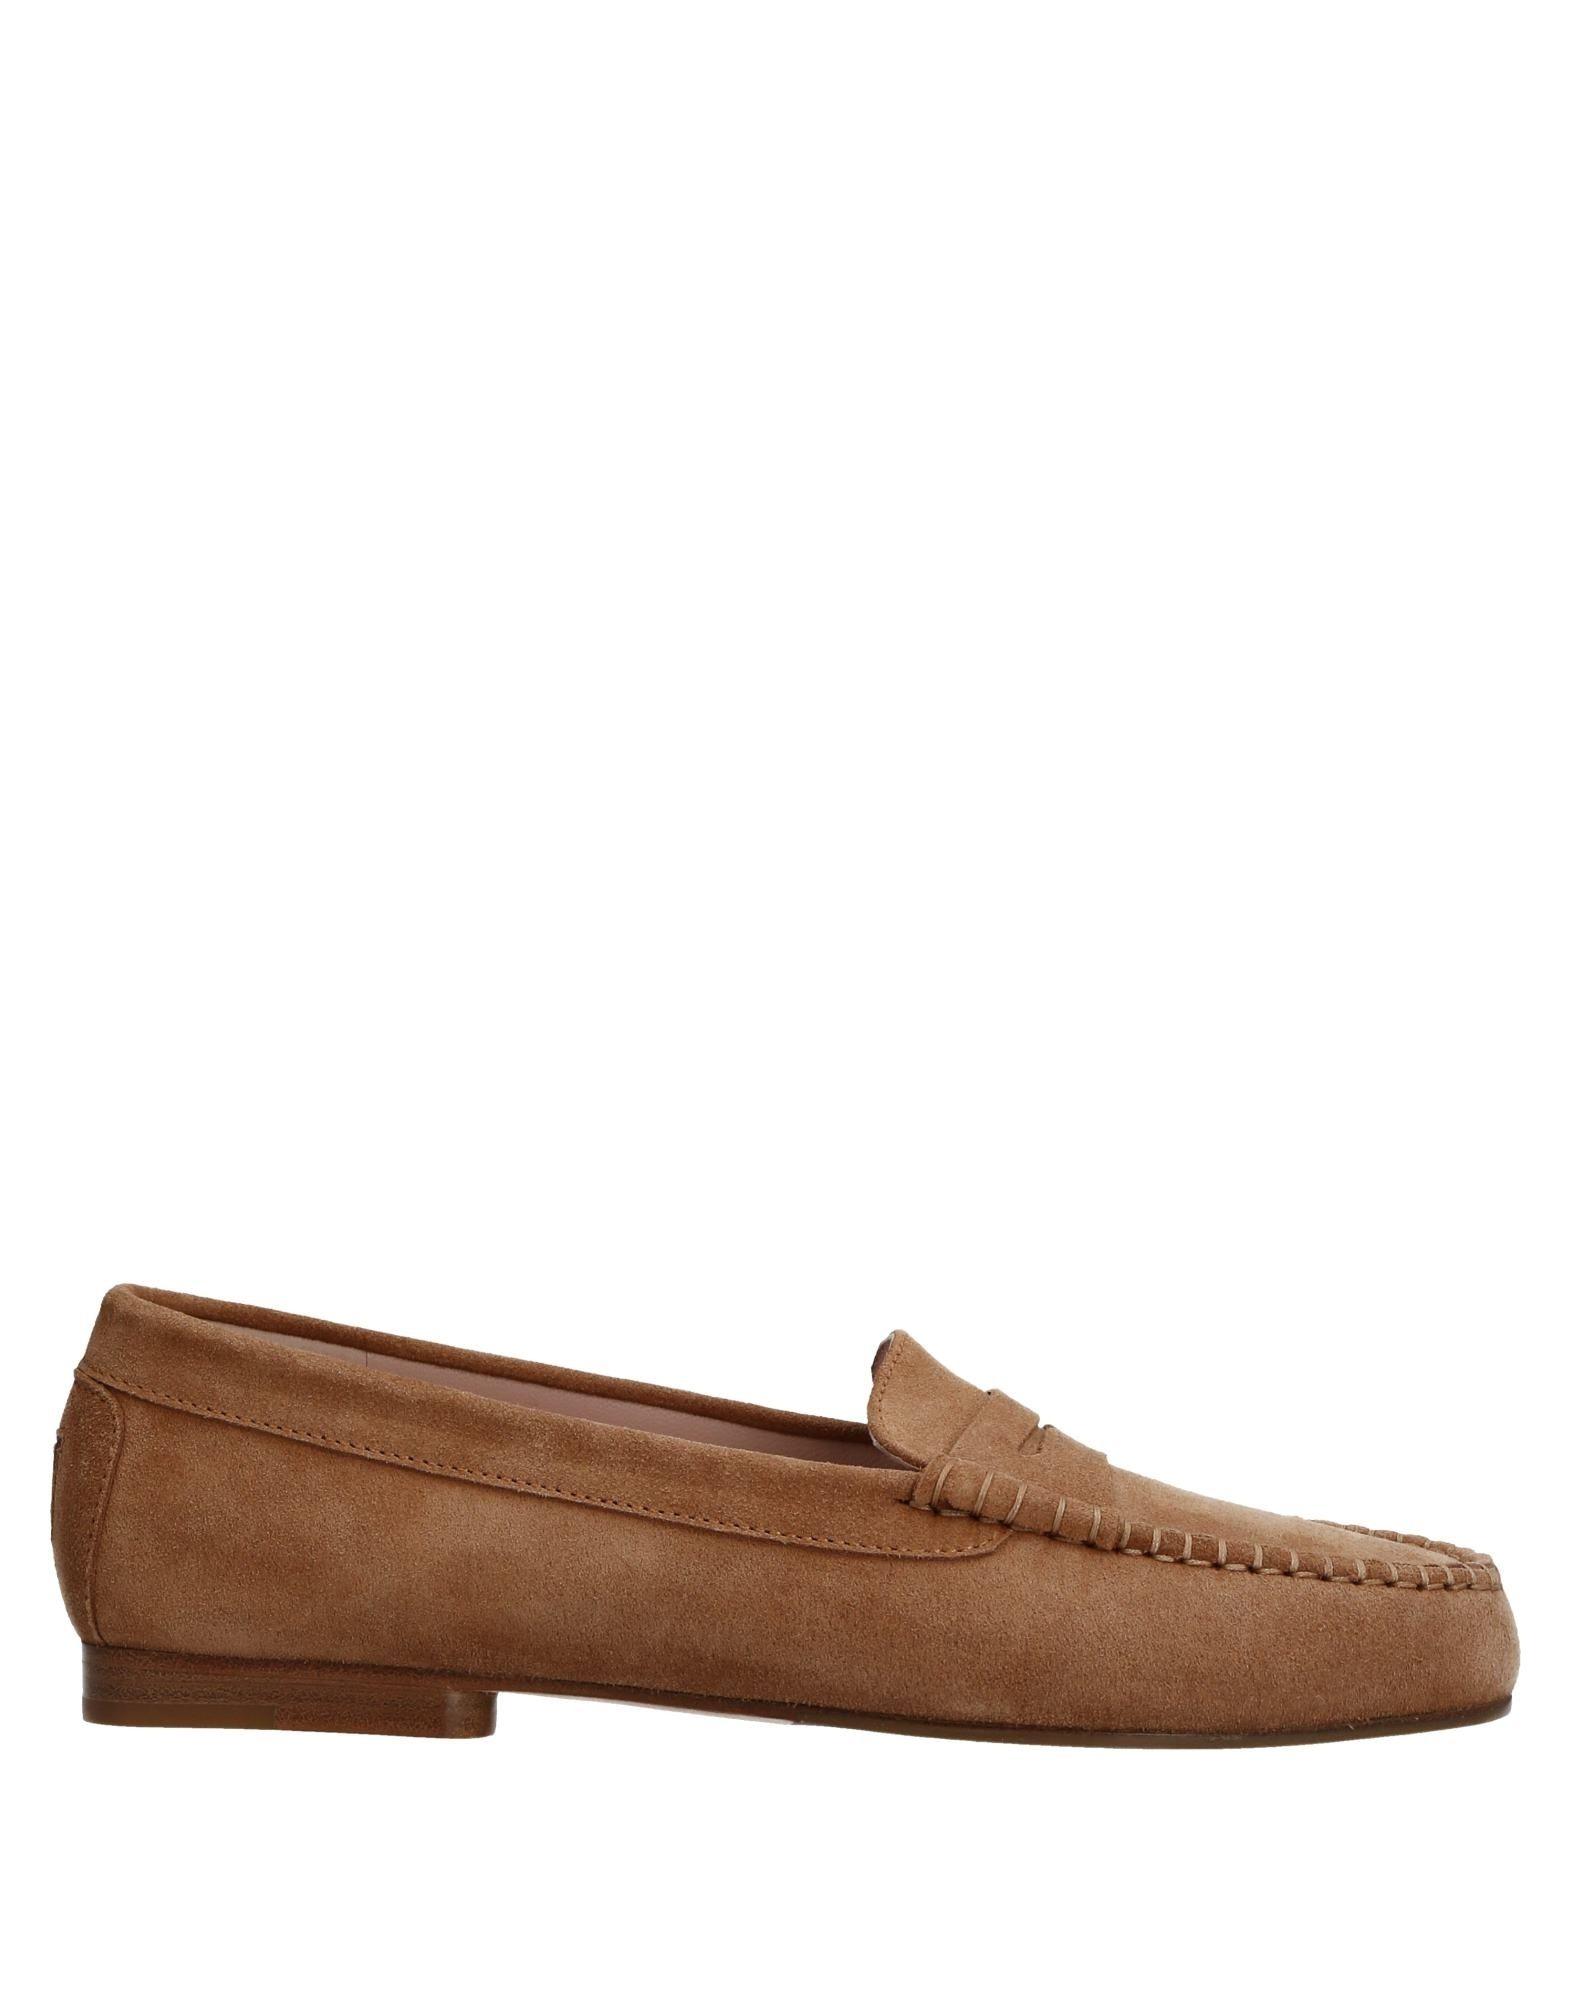 Sneakers Camper Uomo - 11535127SL Scarpe economiche e buone